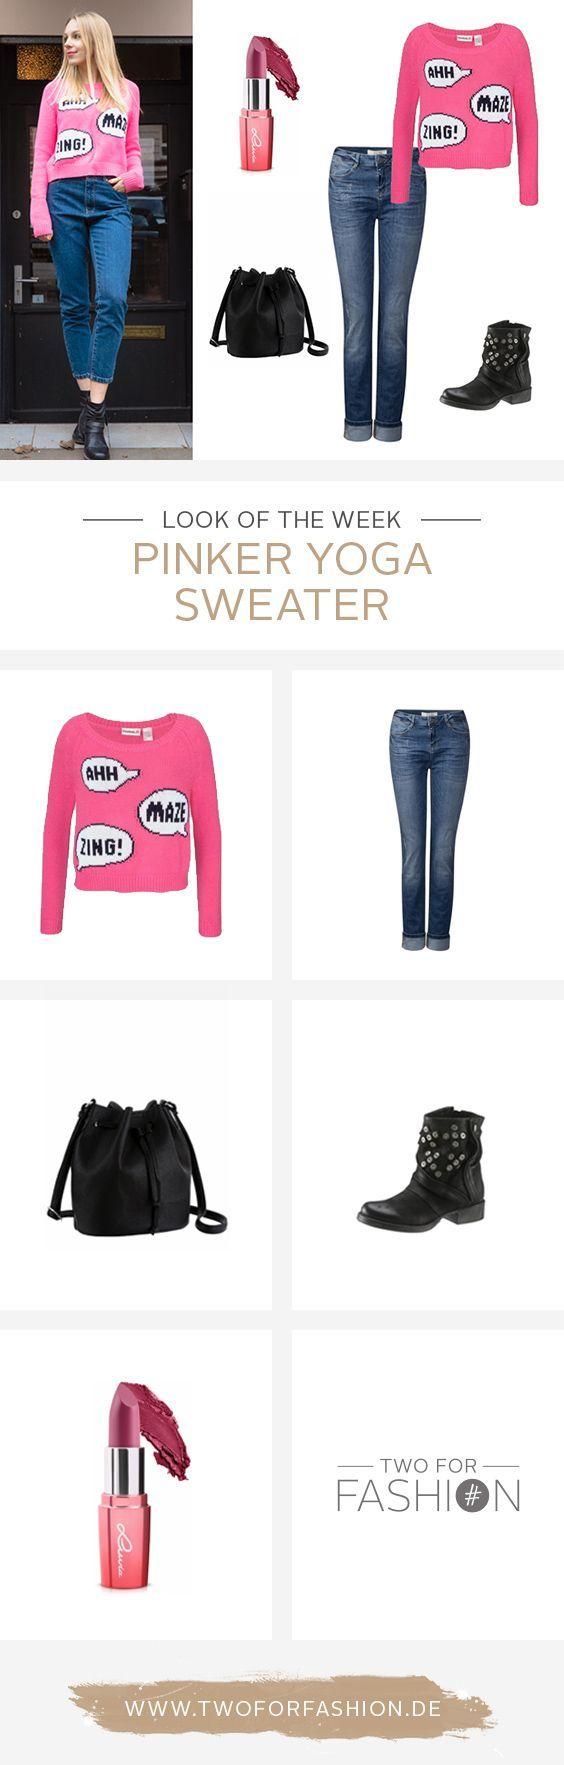 Pink ist das neue Schwarz! Dieser ausgefallene Pullover in Strickoptik mit Sprechblasenmotiv auf der Vorderseite von Reebok macht den Pulli zum besonderen Hingucker. Besonders lässig wirkt der Pullover mit einer Loose Fit Jeans und coolen Boots.